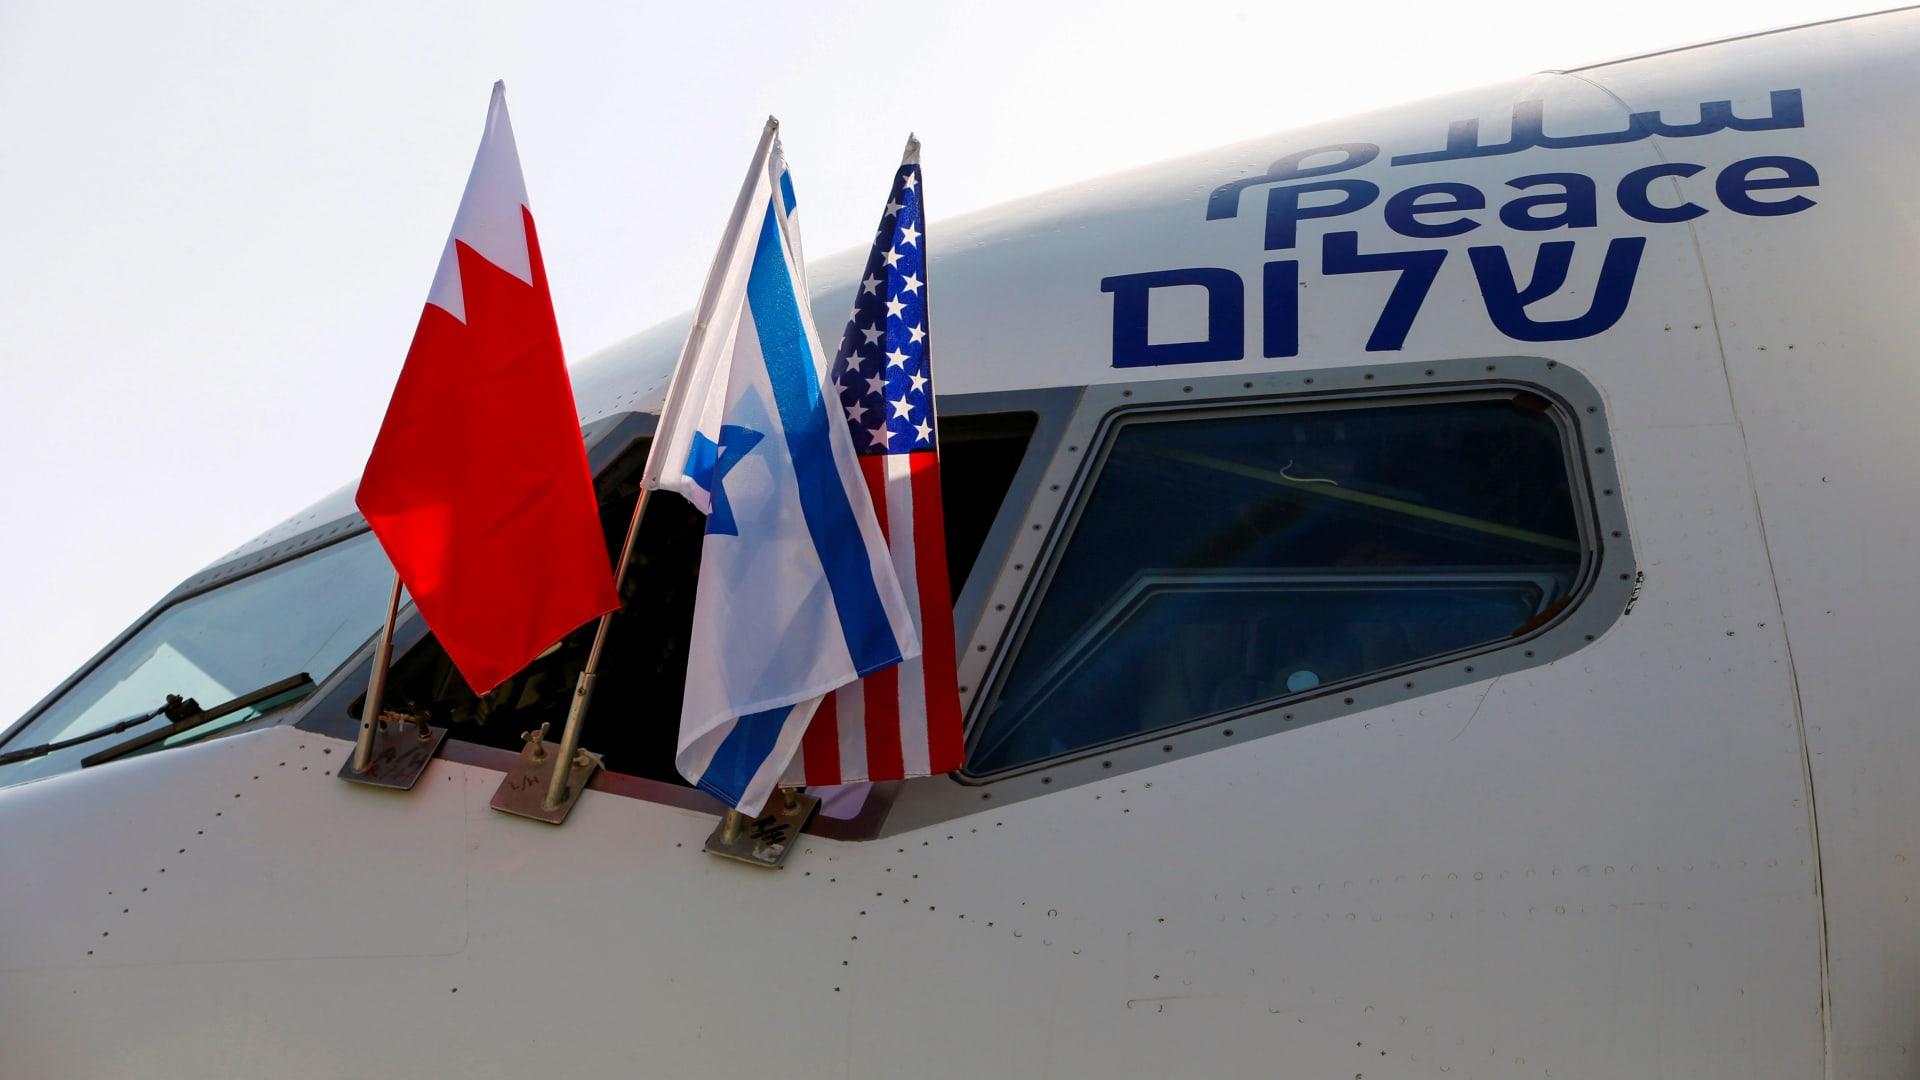 أول سفير للبحرين في تل أبيب يفرد بثلاث لغات.. وإسرائيل ترحب به